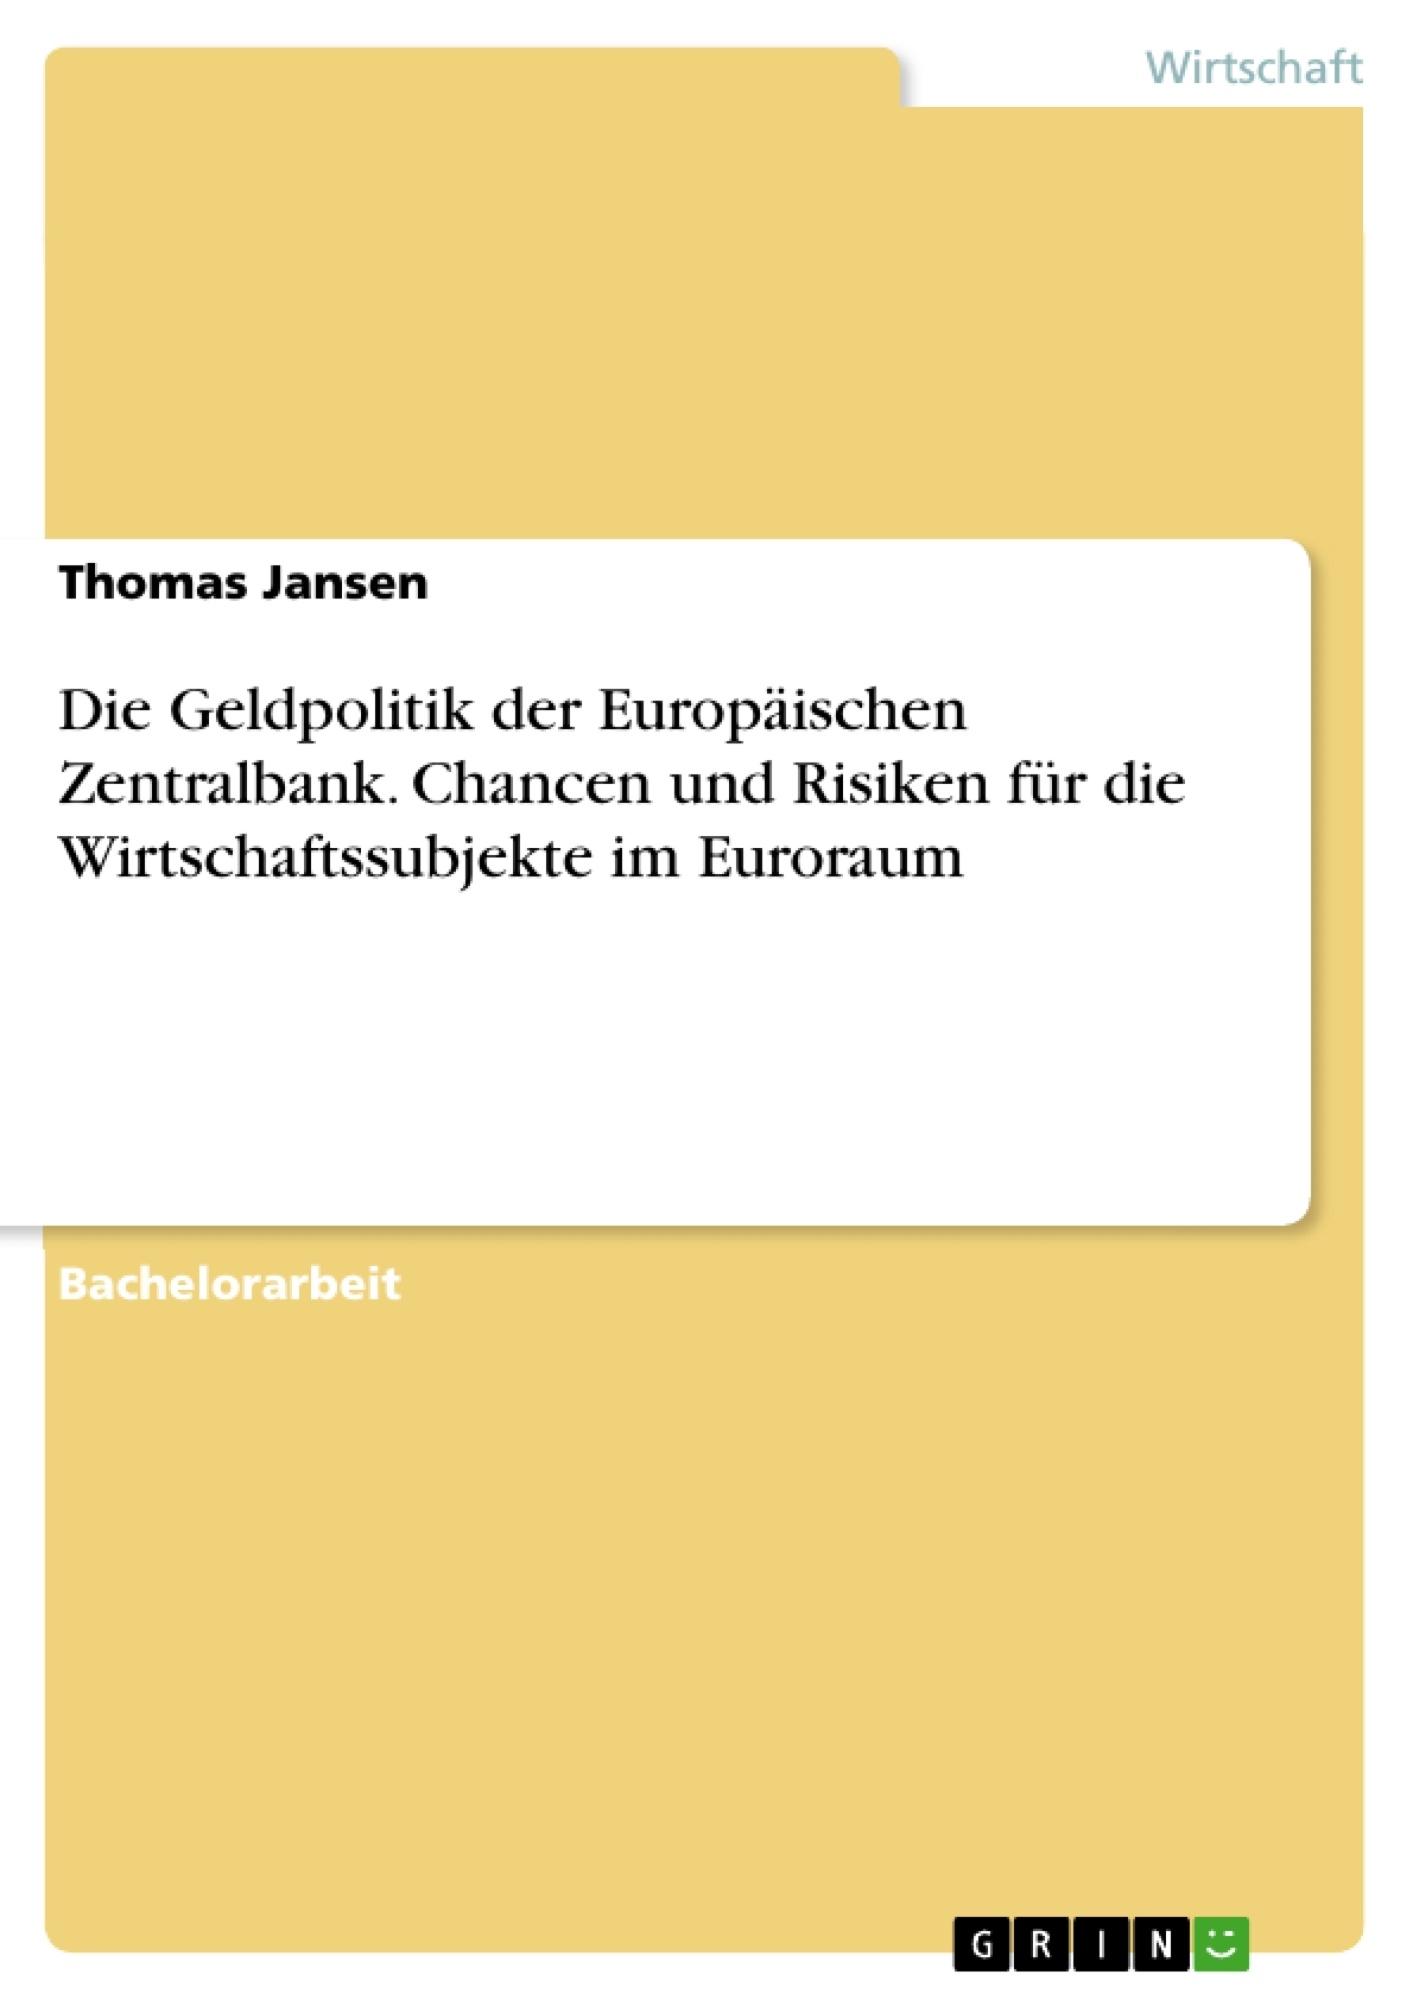 Titel: Die Geldpolitik der Europäischen Zentralbank. Chancen und Risiken für die Wirtschaftssubjekte im Euroraum